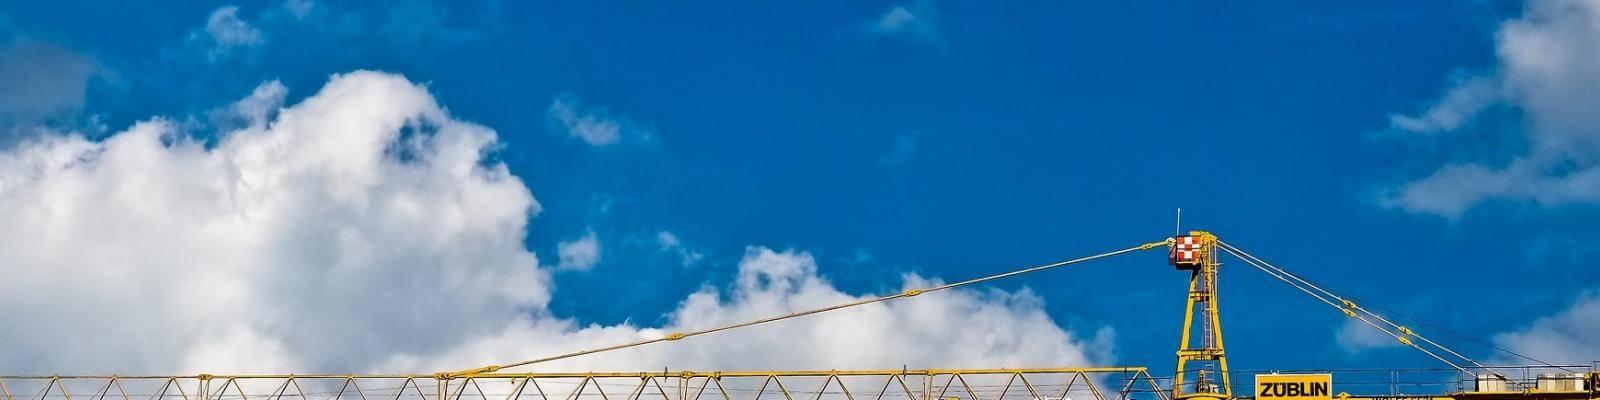 Hijskraan en blauwe lucht met wolken